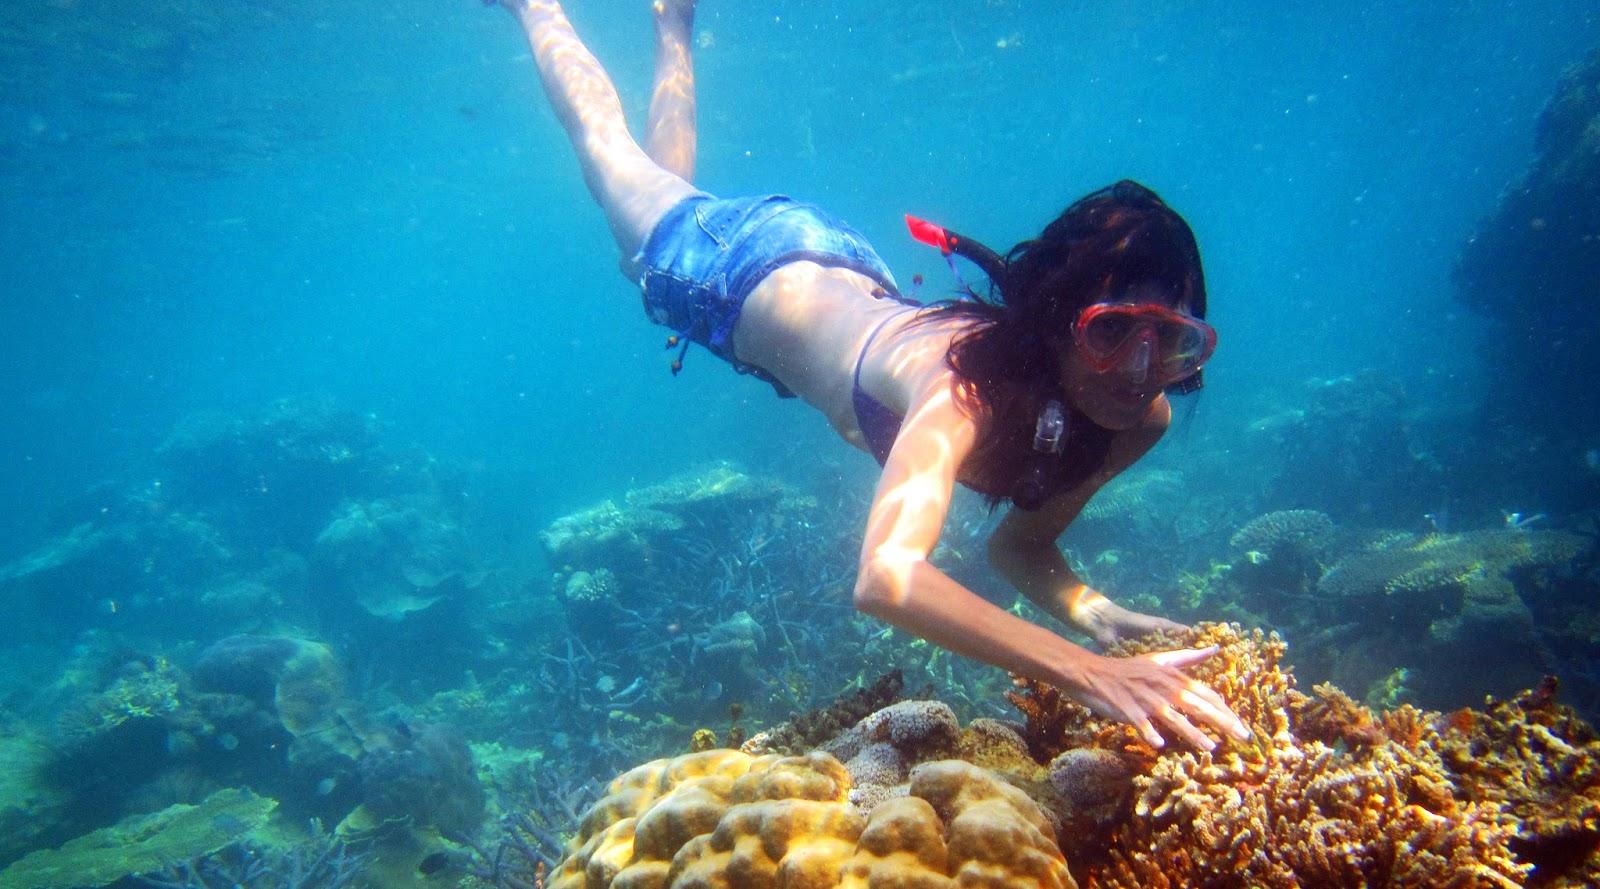 wisata alam indonesia yang wajib dikunjungi cantik dan manis di pulau karimun jawa